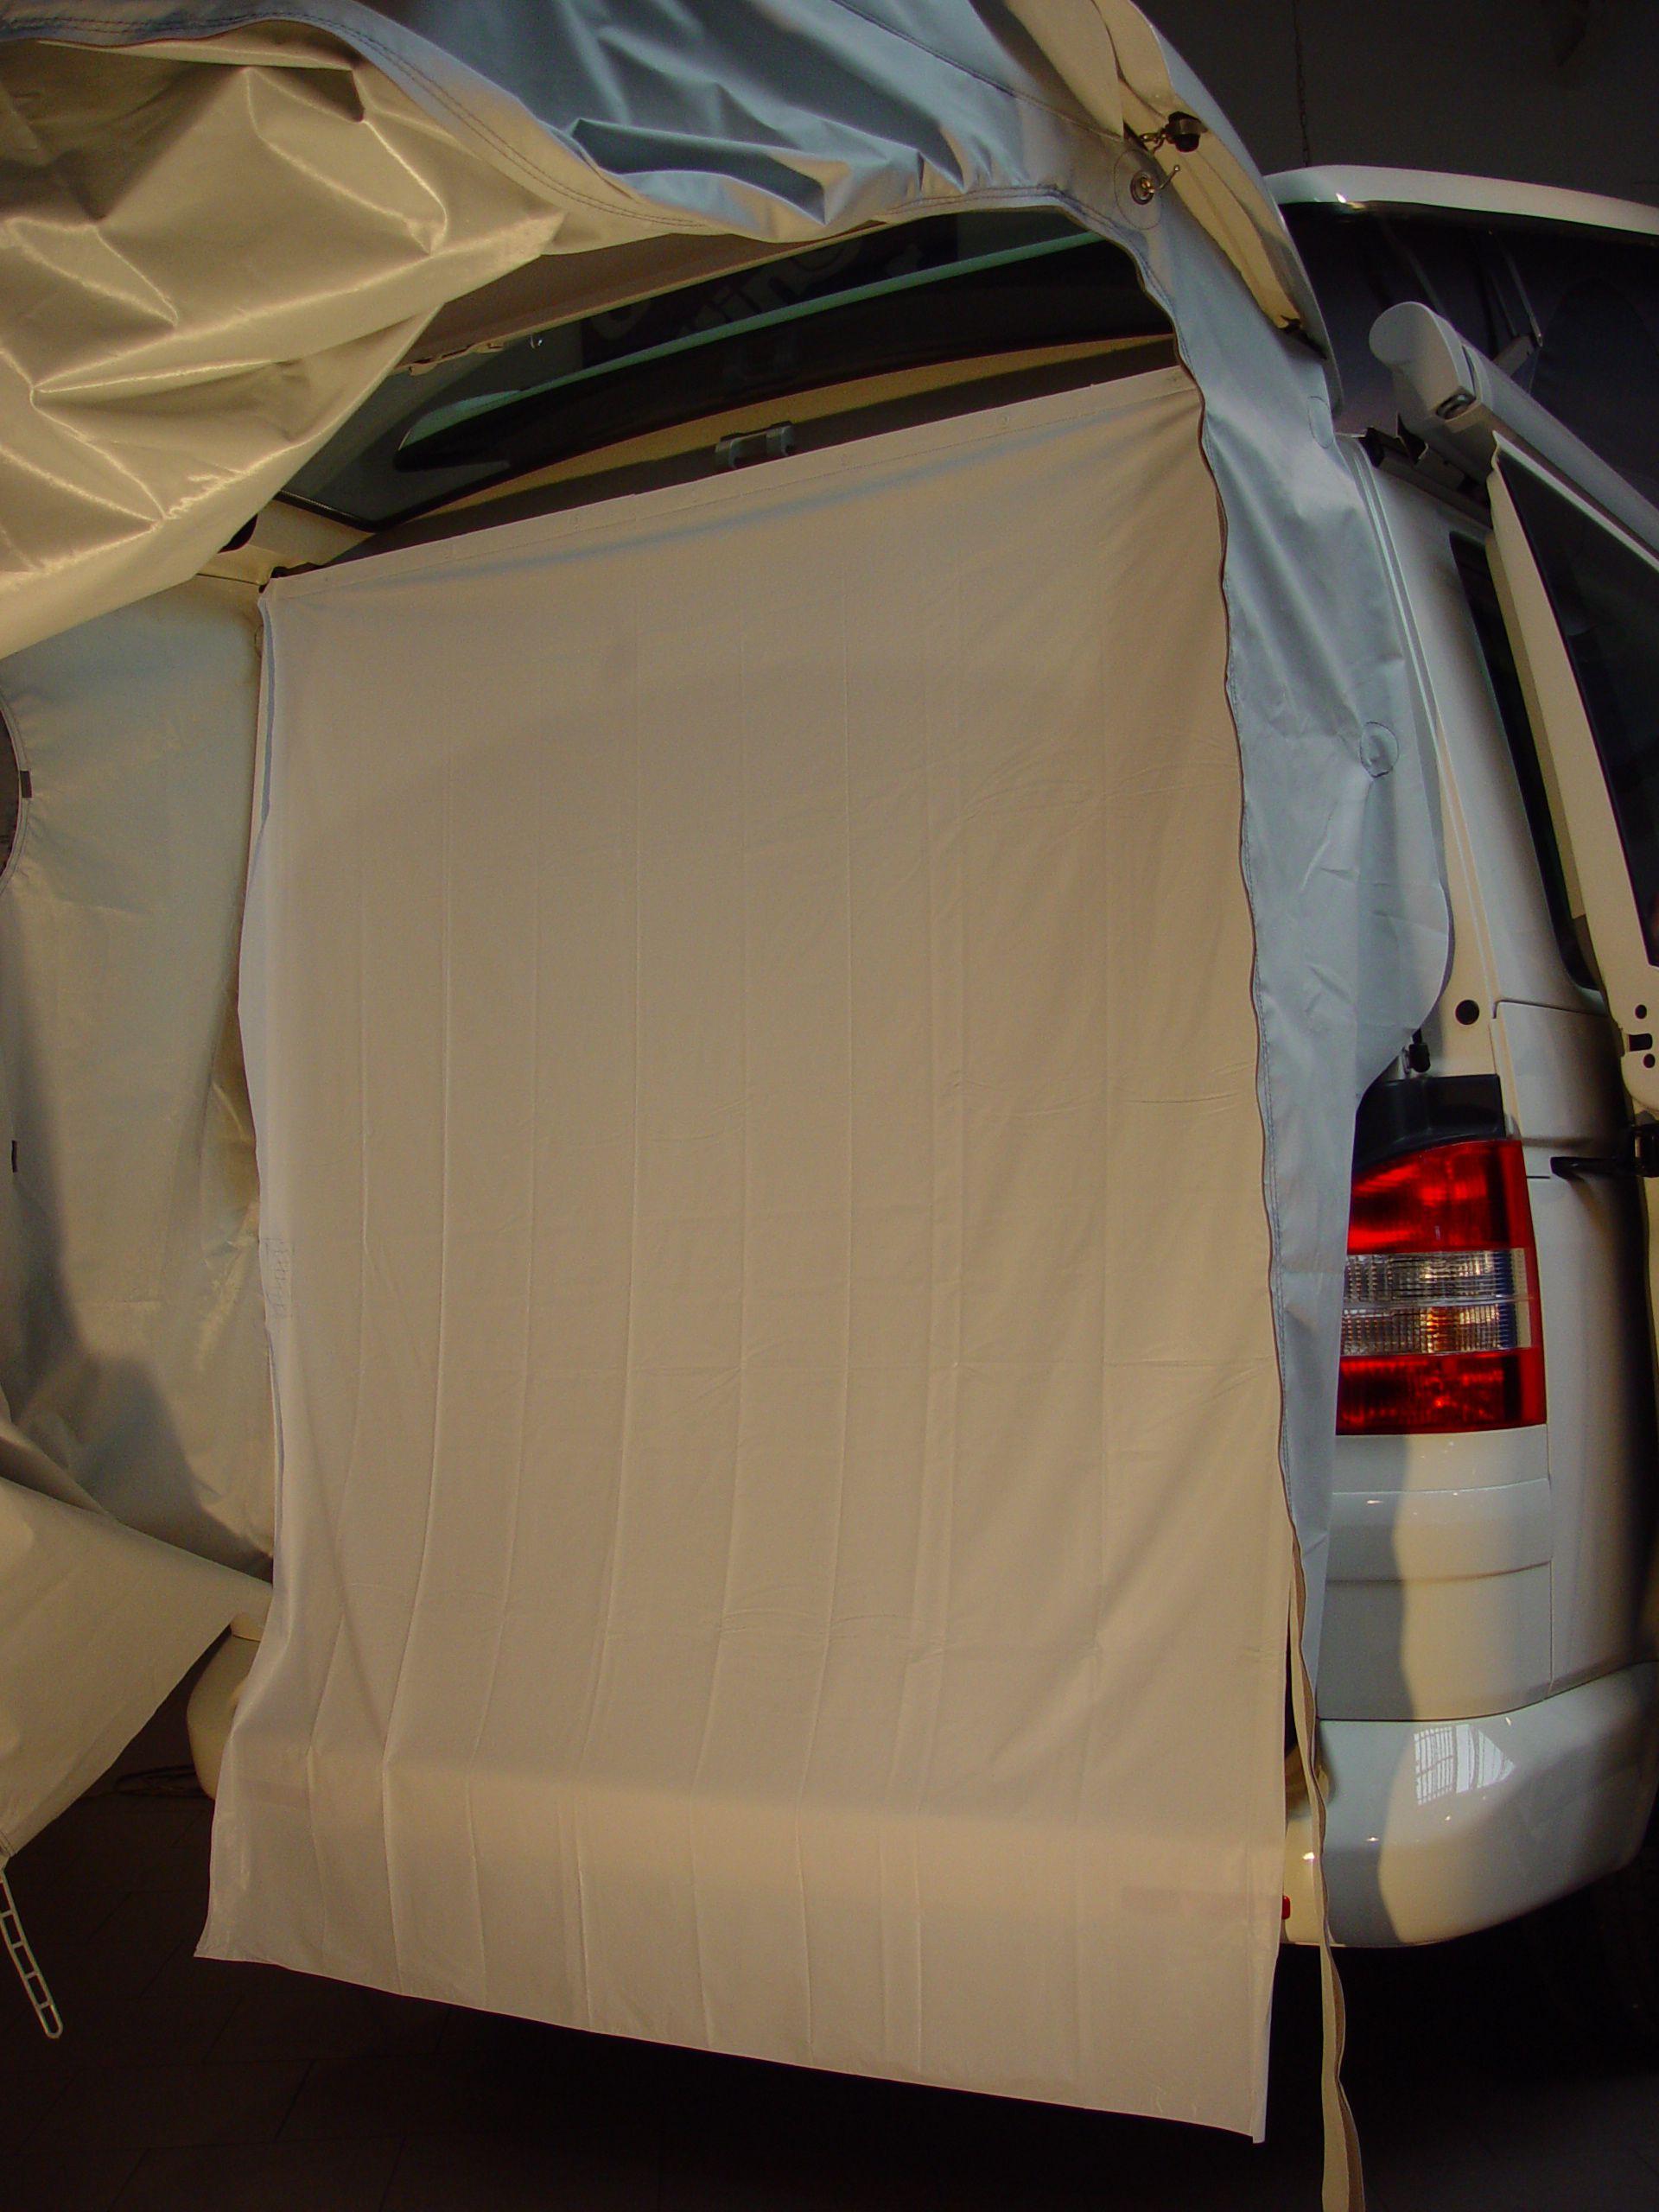 zubeh r heckzelte sicht spritzschutz t5 vw t6. Black Bedroom Furniture Sets. Home Design Ideas